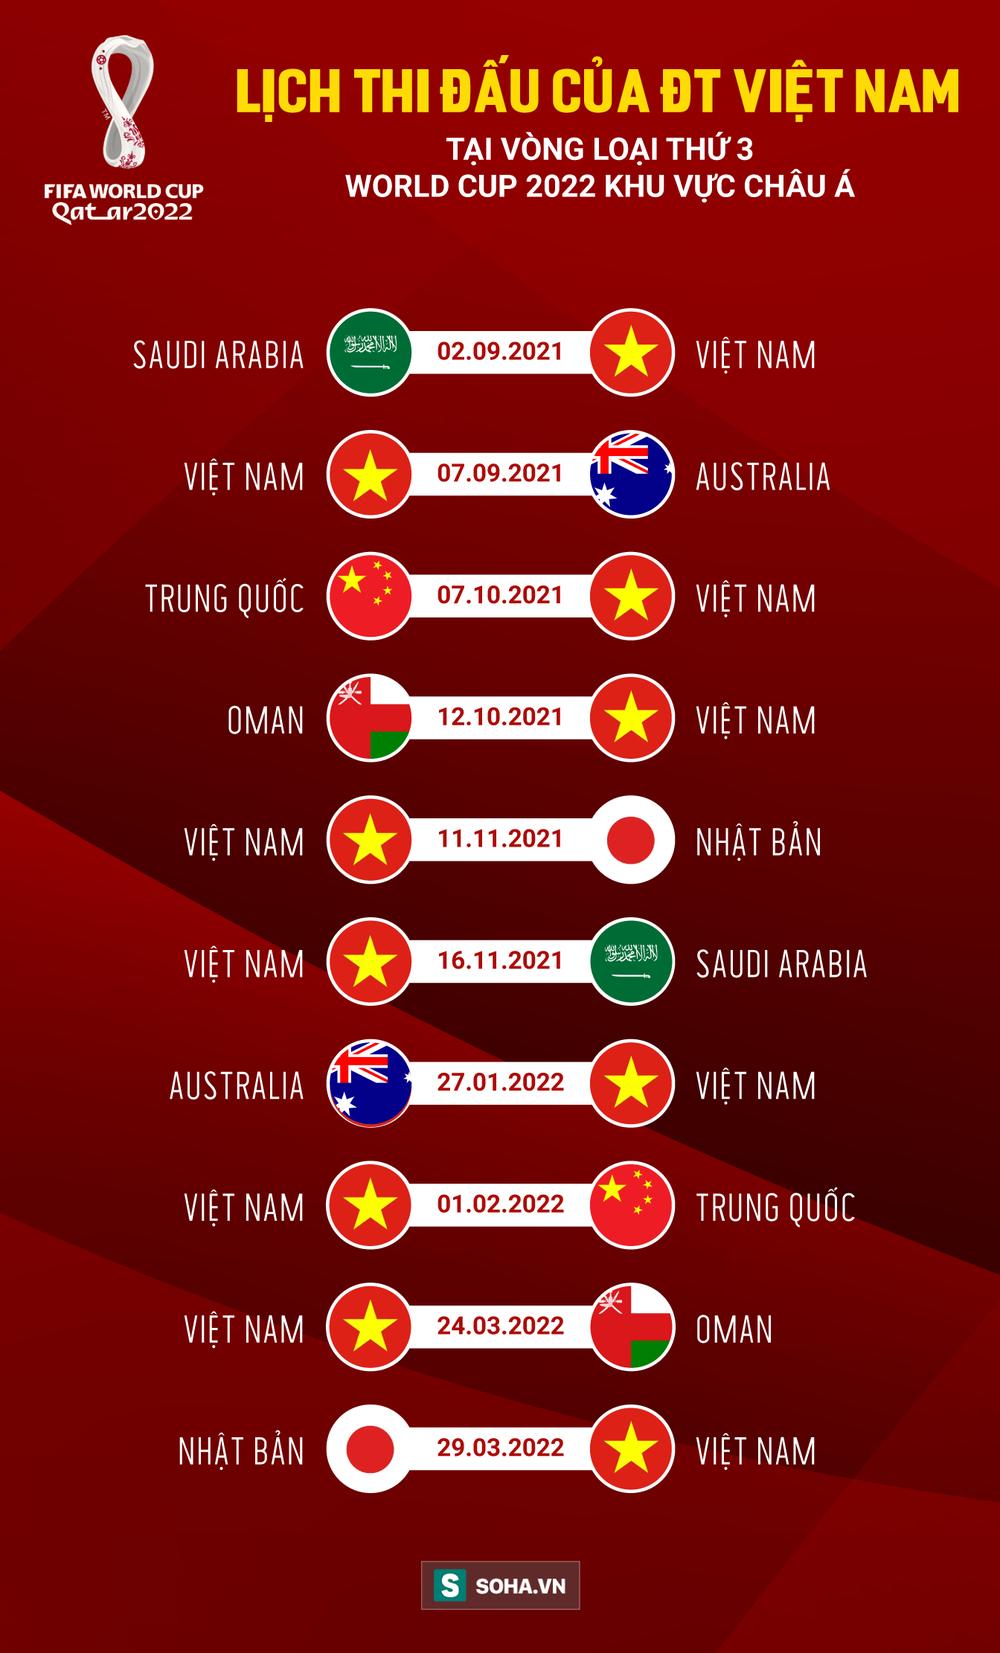 Thầy Park dùng chiêu cũ để chốt quân ĐT Việt Nam, hé lộ 2 cái tên lỡ hẹn đi Saudi Arabia - Ảnh 3.